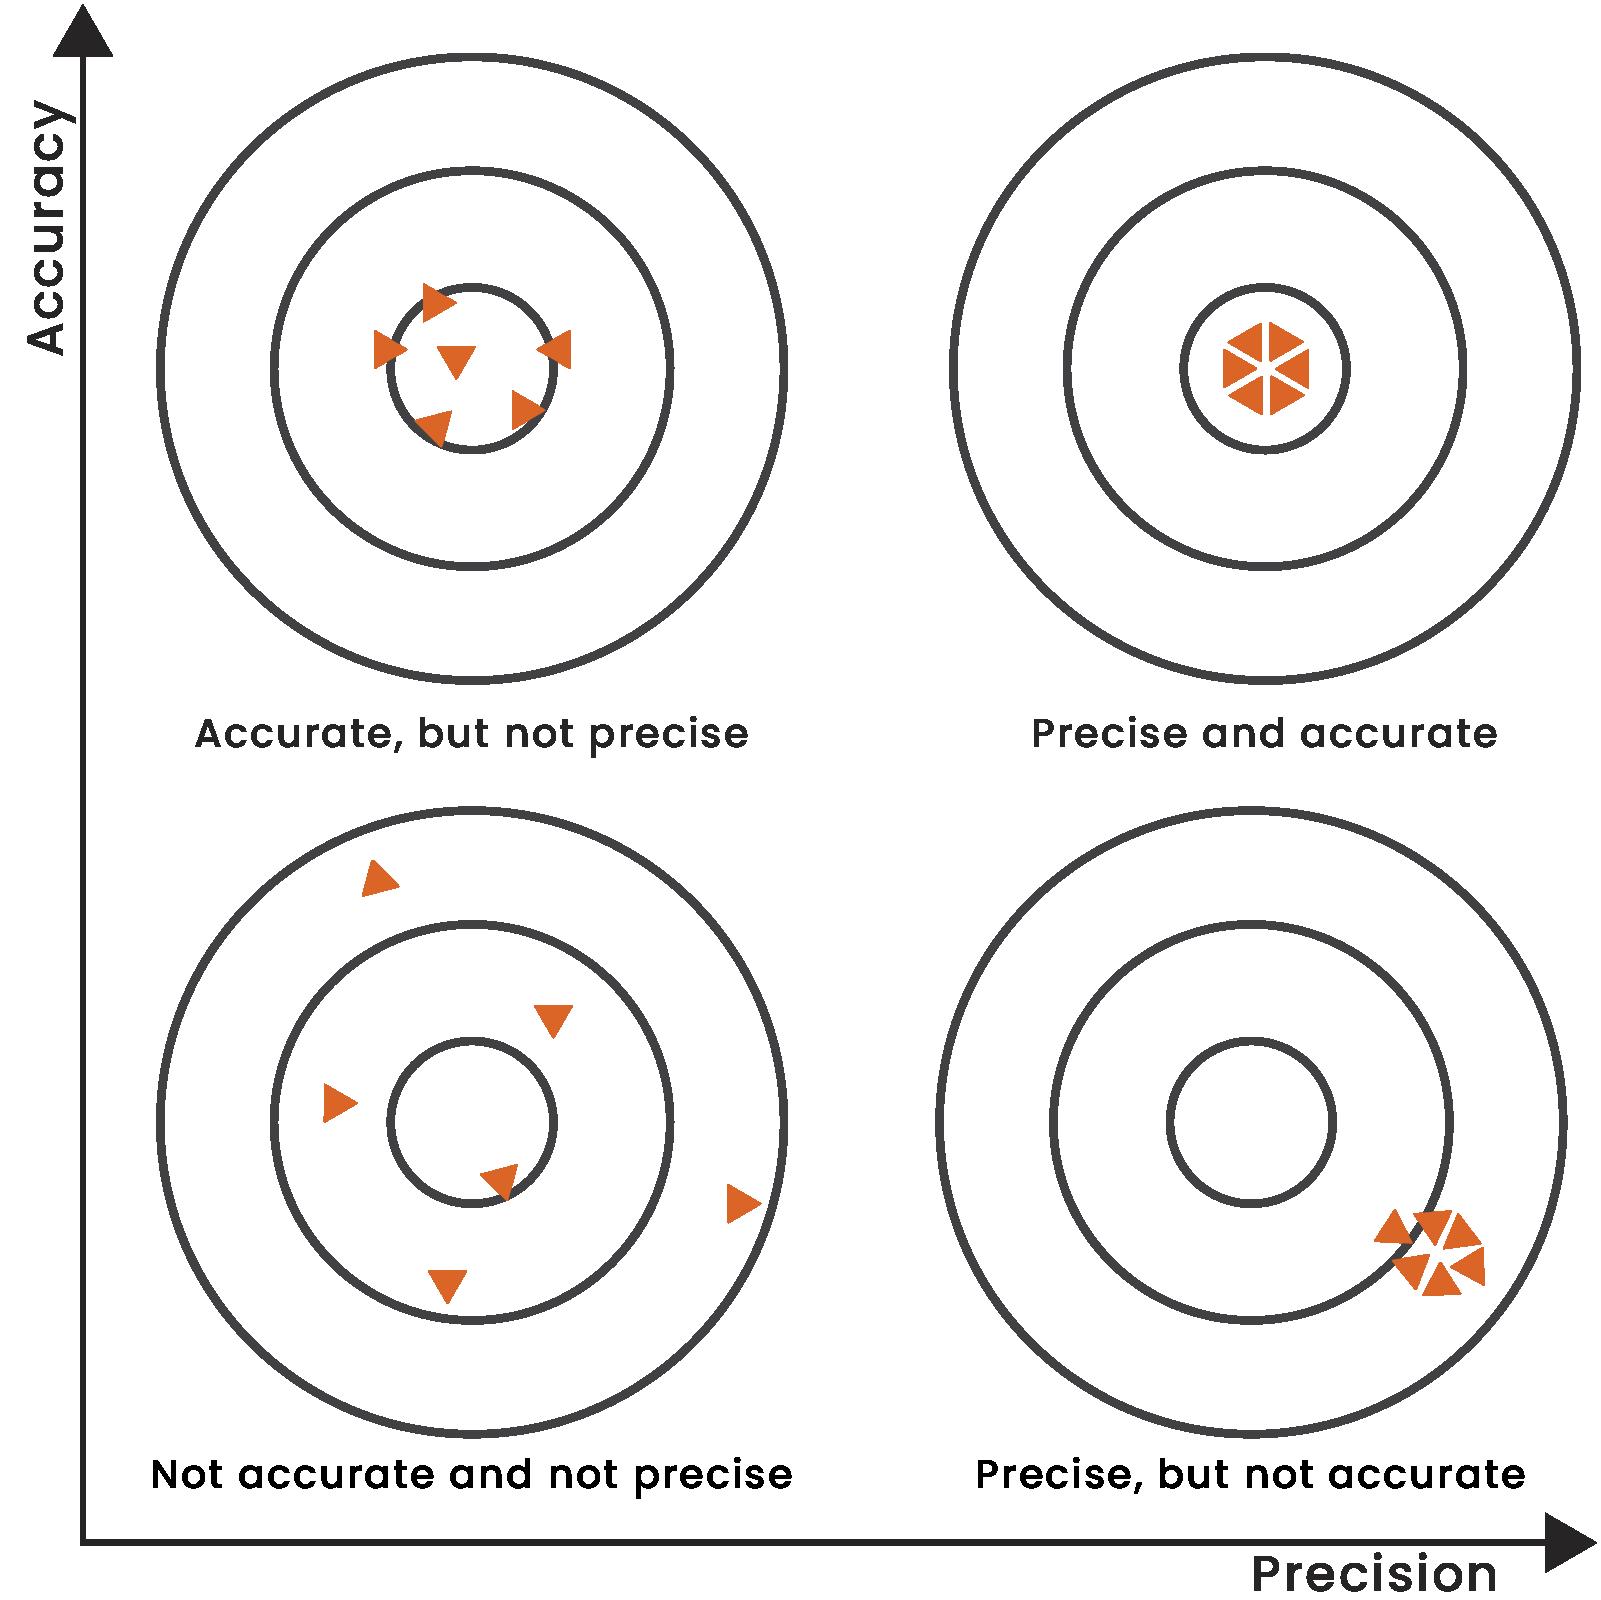 accuracy vs. precision illustration